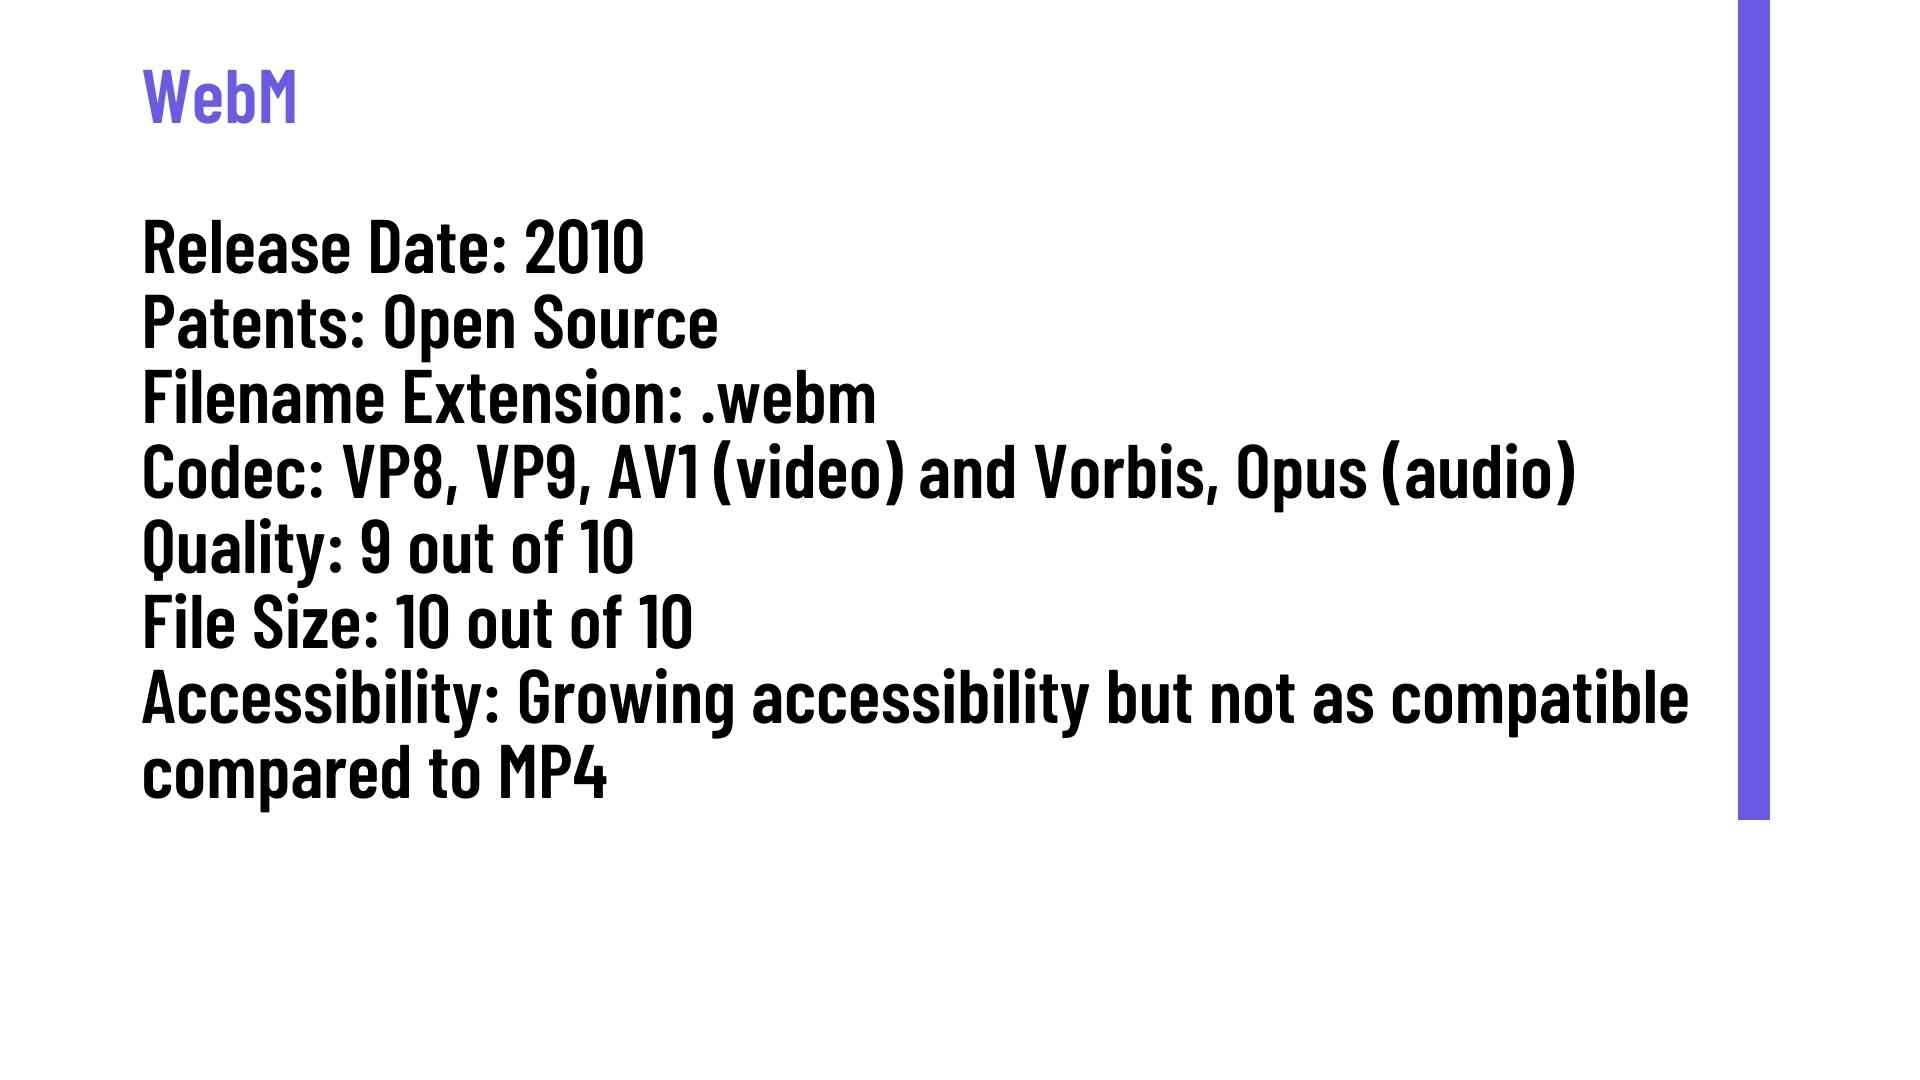 Advantages of WebM over MP4